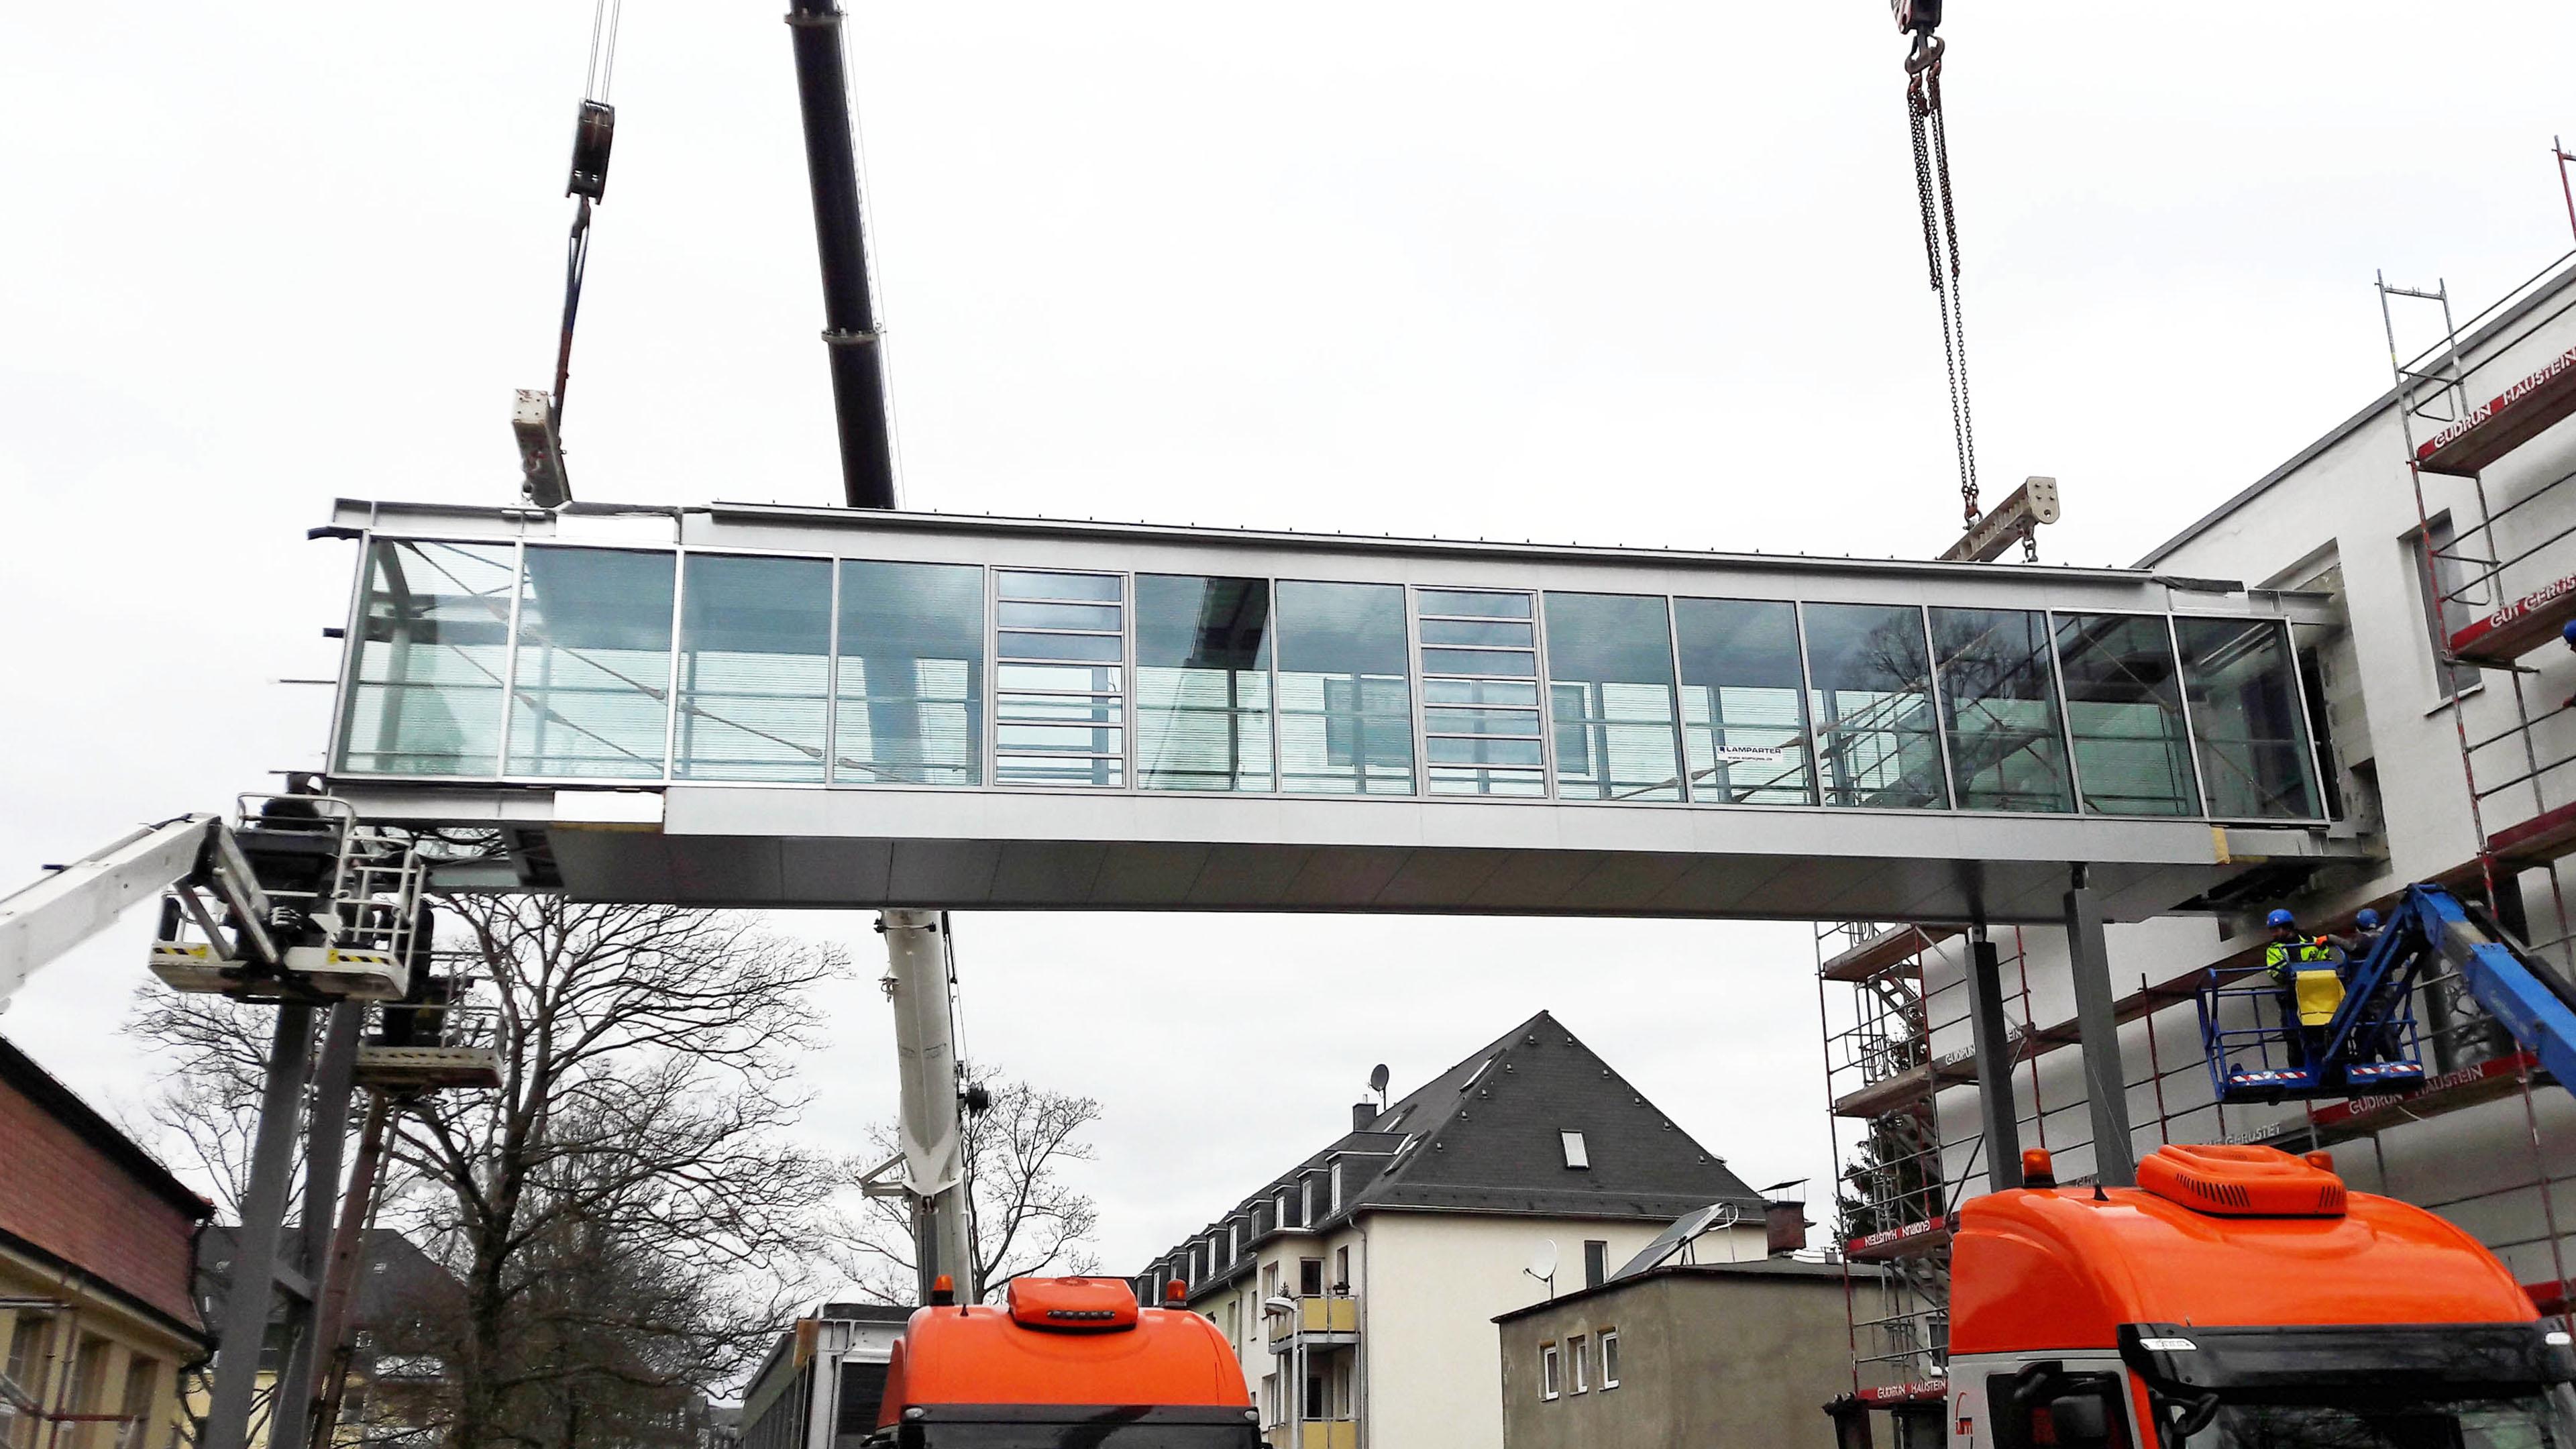 Einhub einer Verbindungsbrücke aus Stahl und Glas